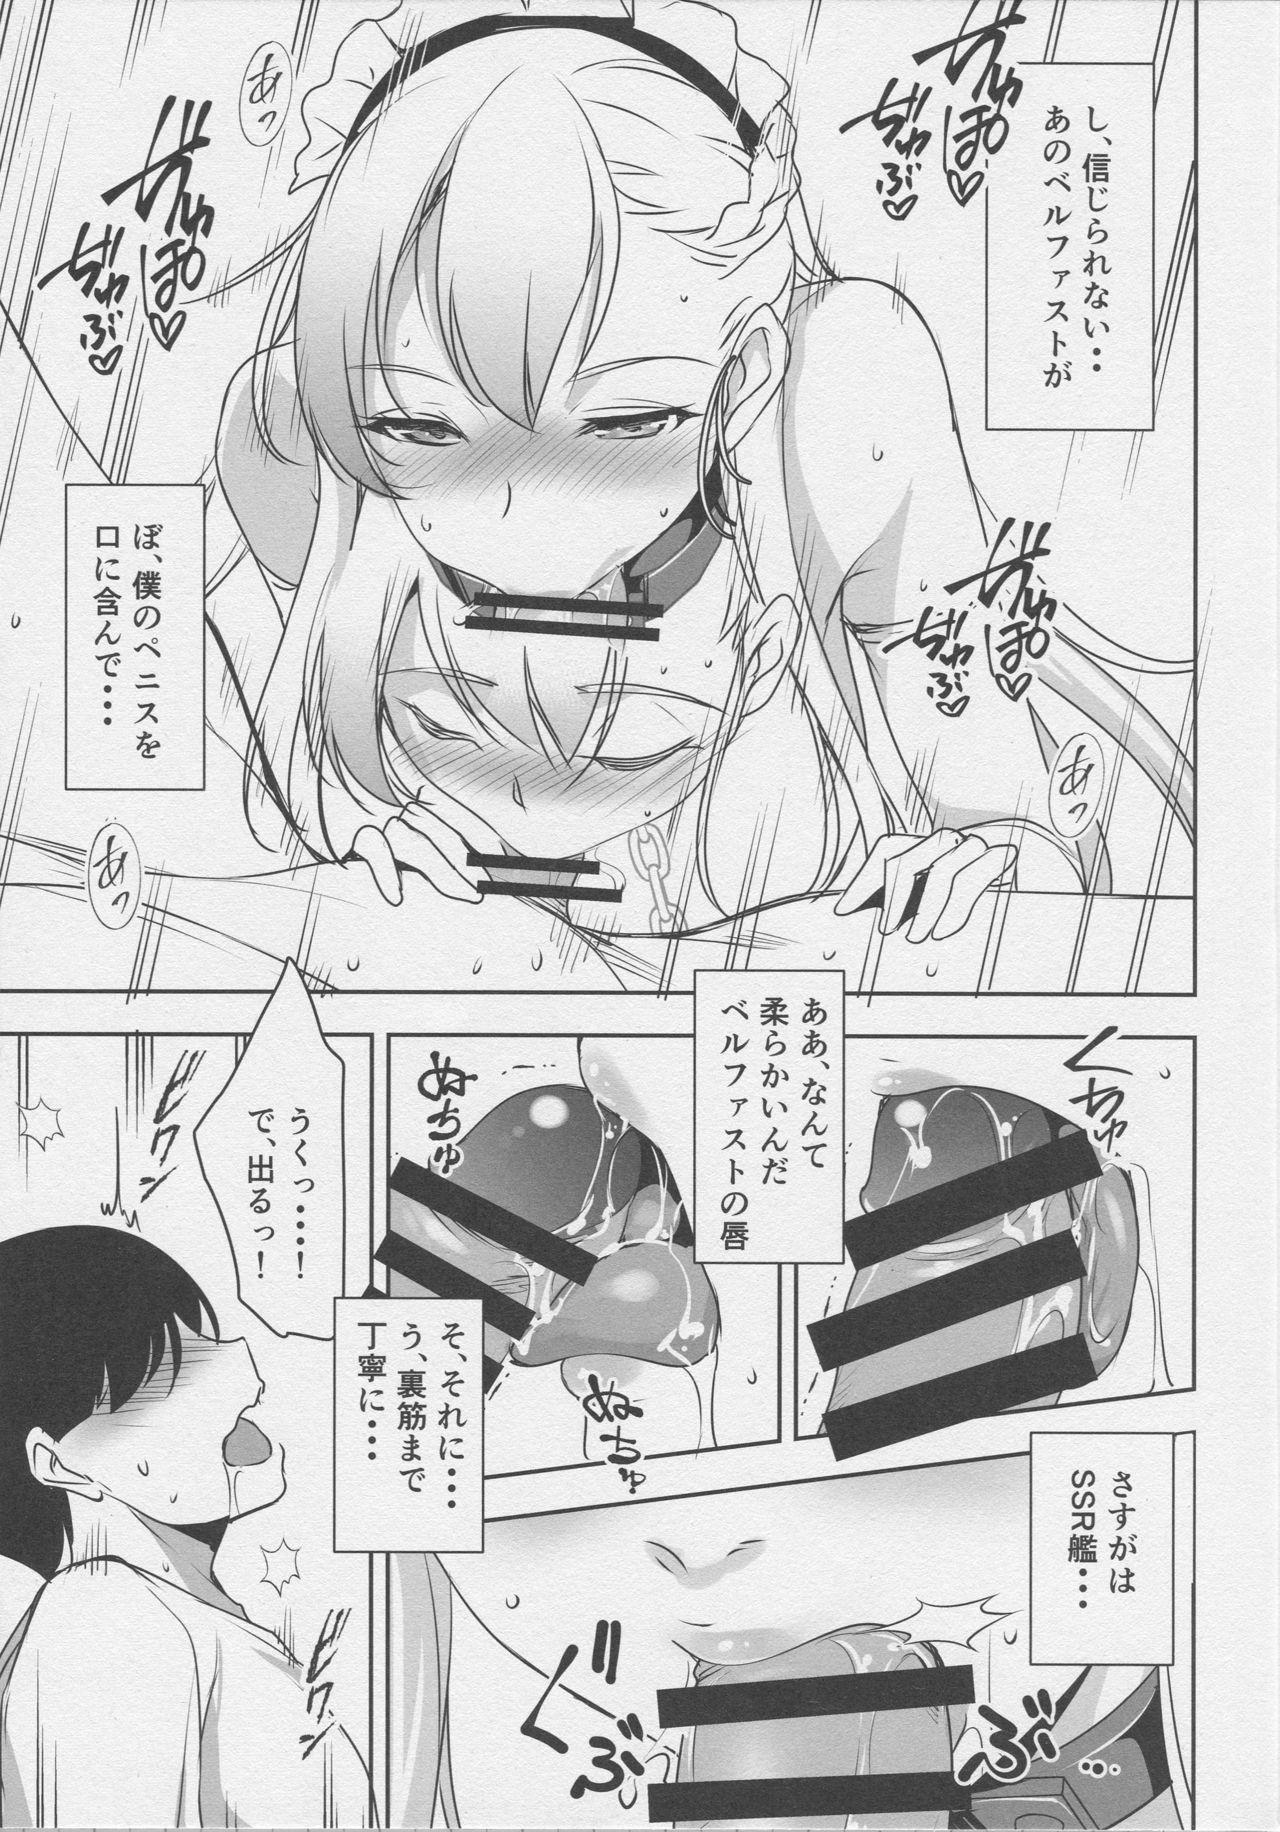 Tenshi wa Mayonaka ni Saezuru 7